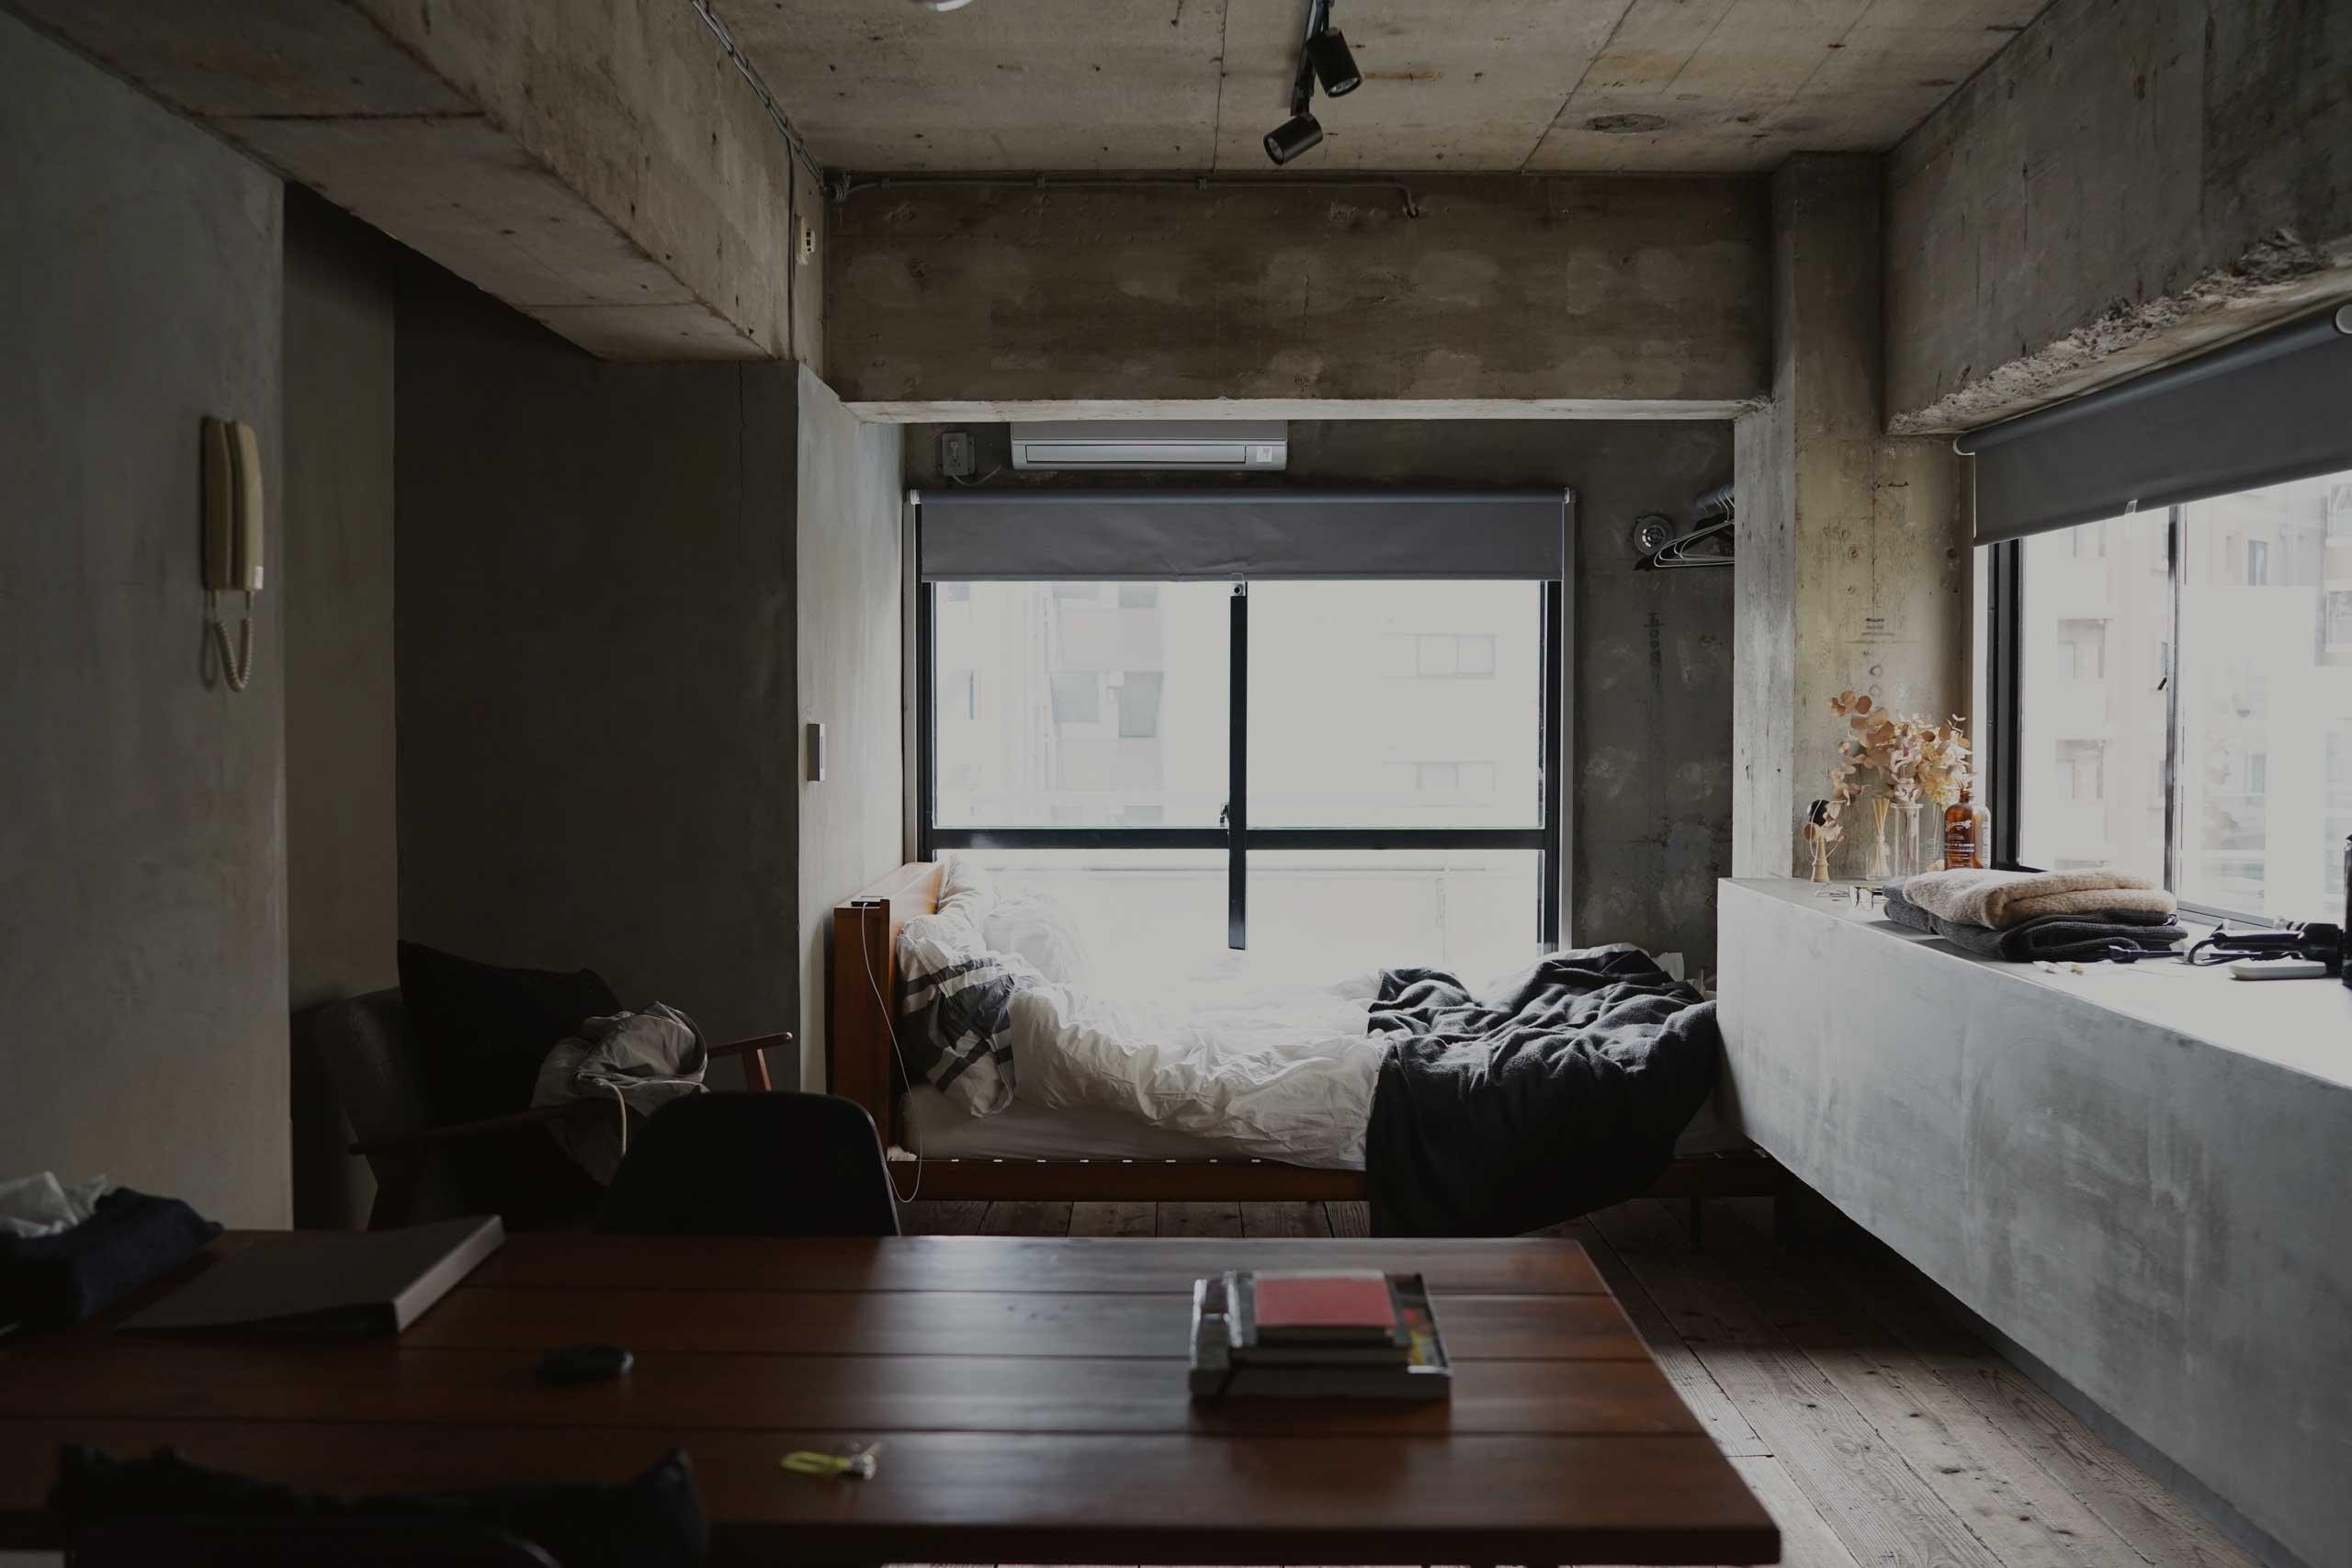 slaapkamer_beton